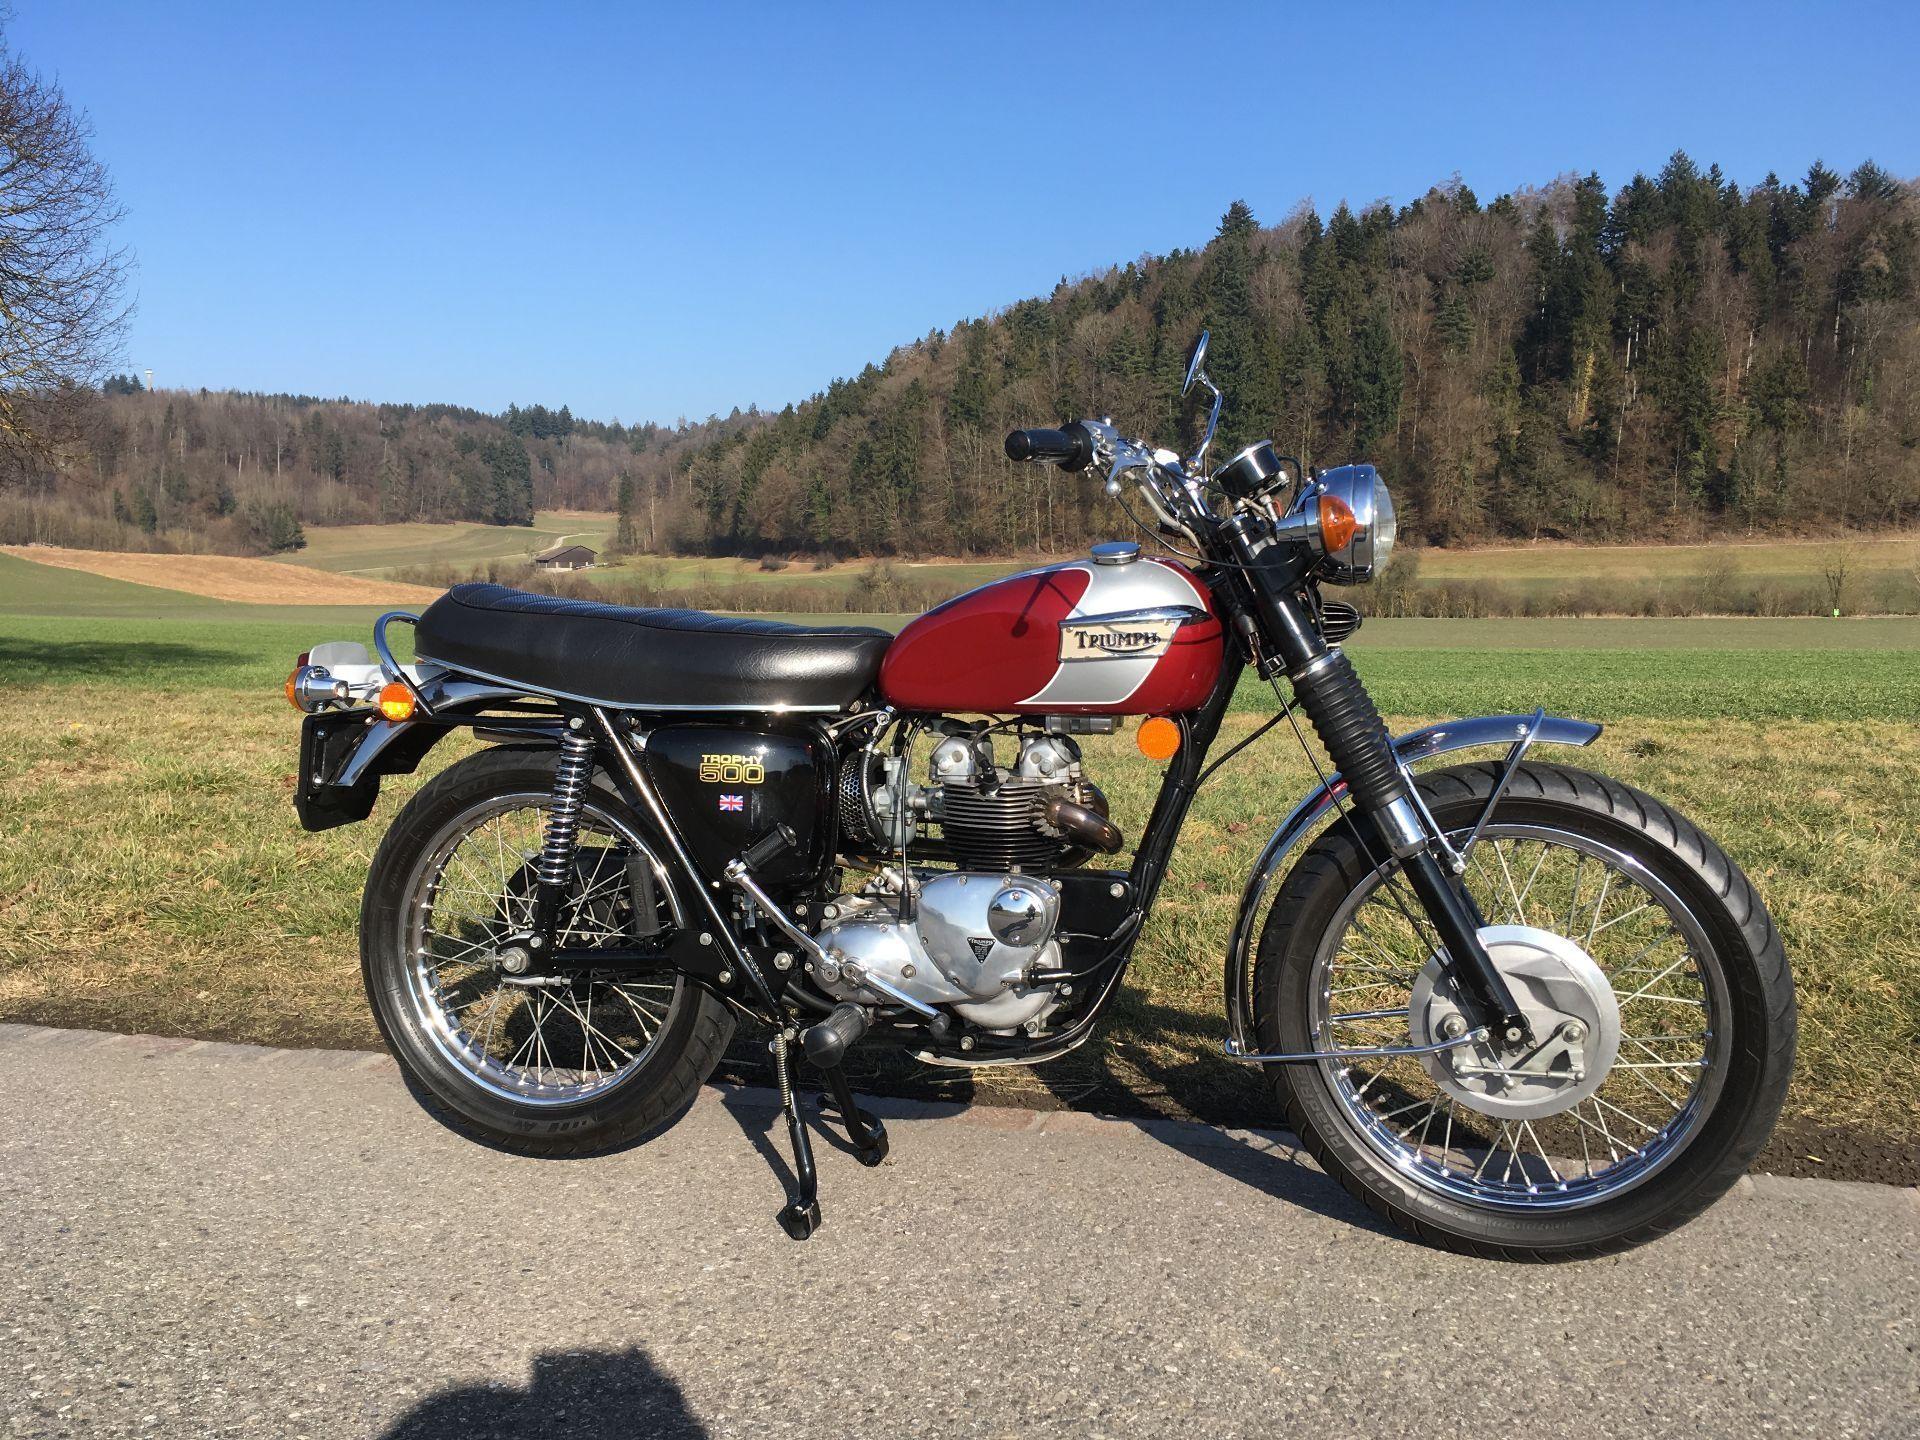 motorrad oldtimer kaufen triumph t100c trophy 500 vintage bike 39 s seon. Black Bedroom Furniture Sets. Home Design Ideas